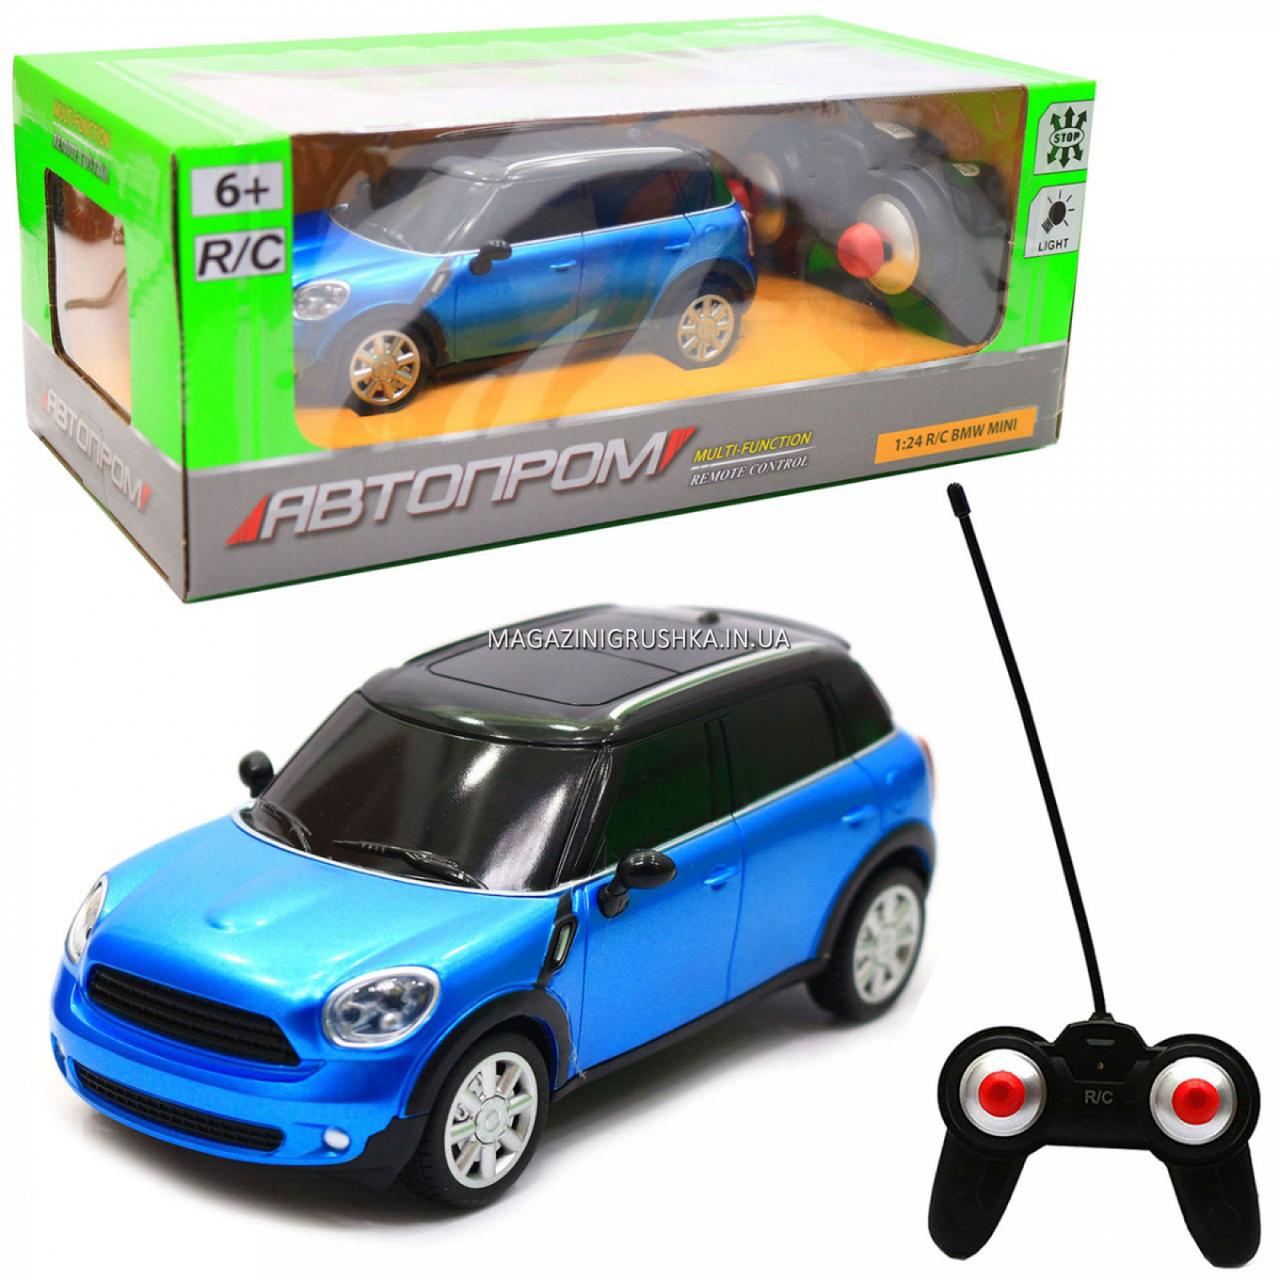 Машинка игровая автопром на радиоуправлении BMW Mini синий (8826)